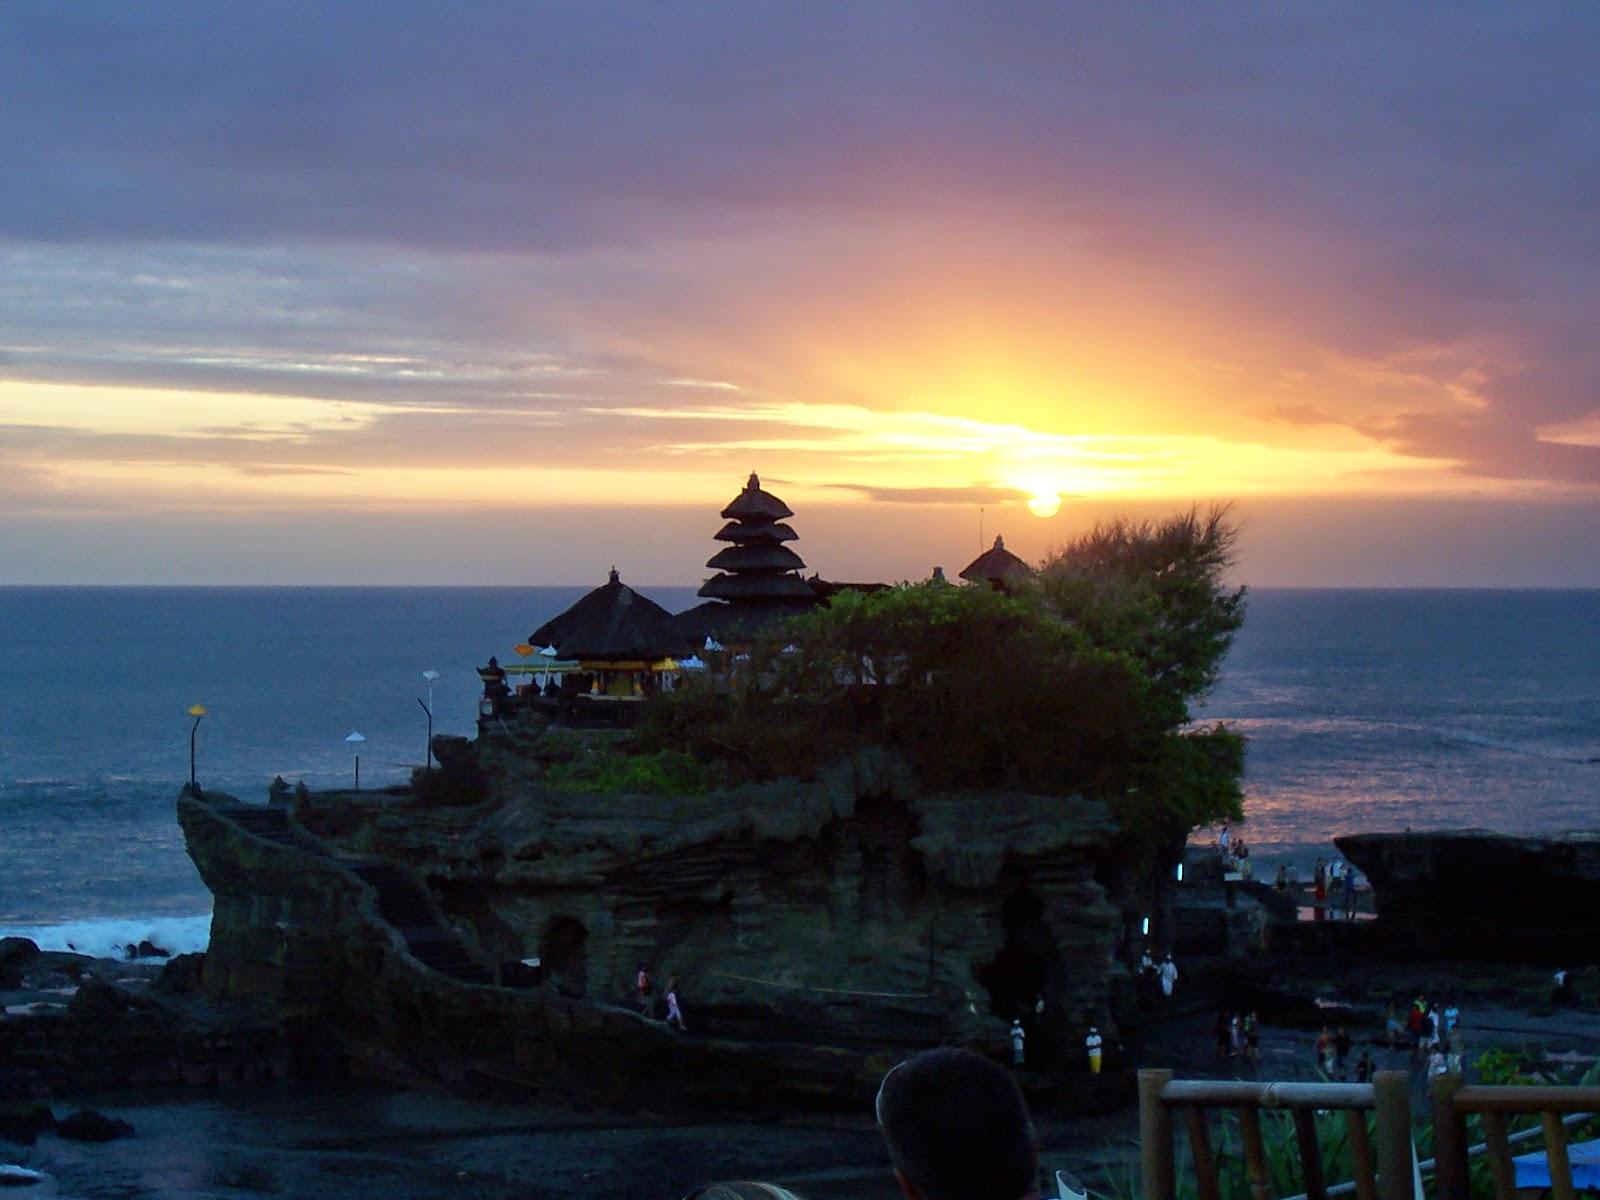 Liburan Ke Bali Murah Meriah